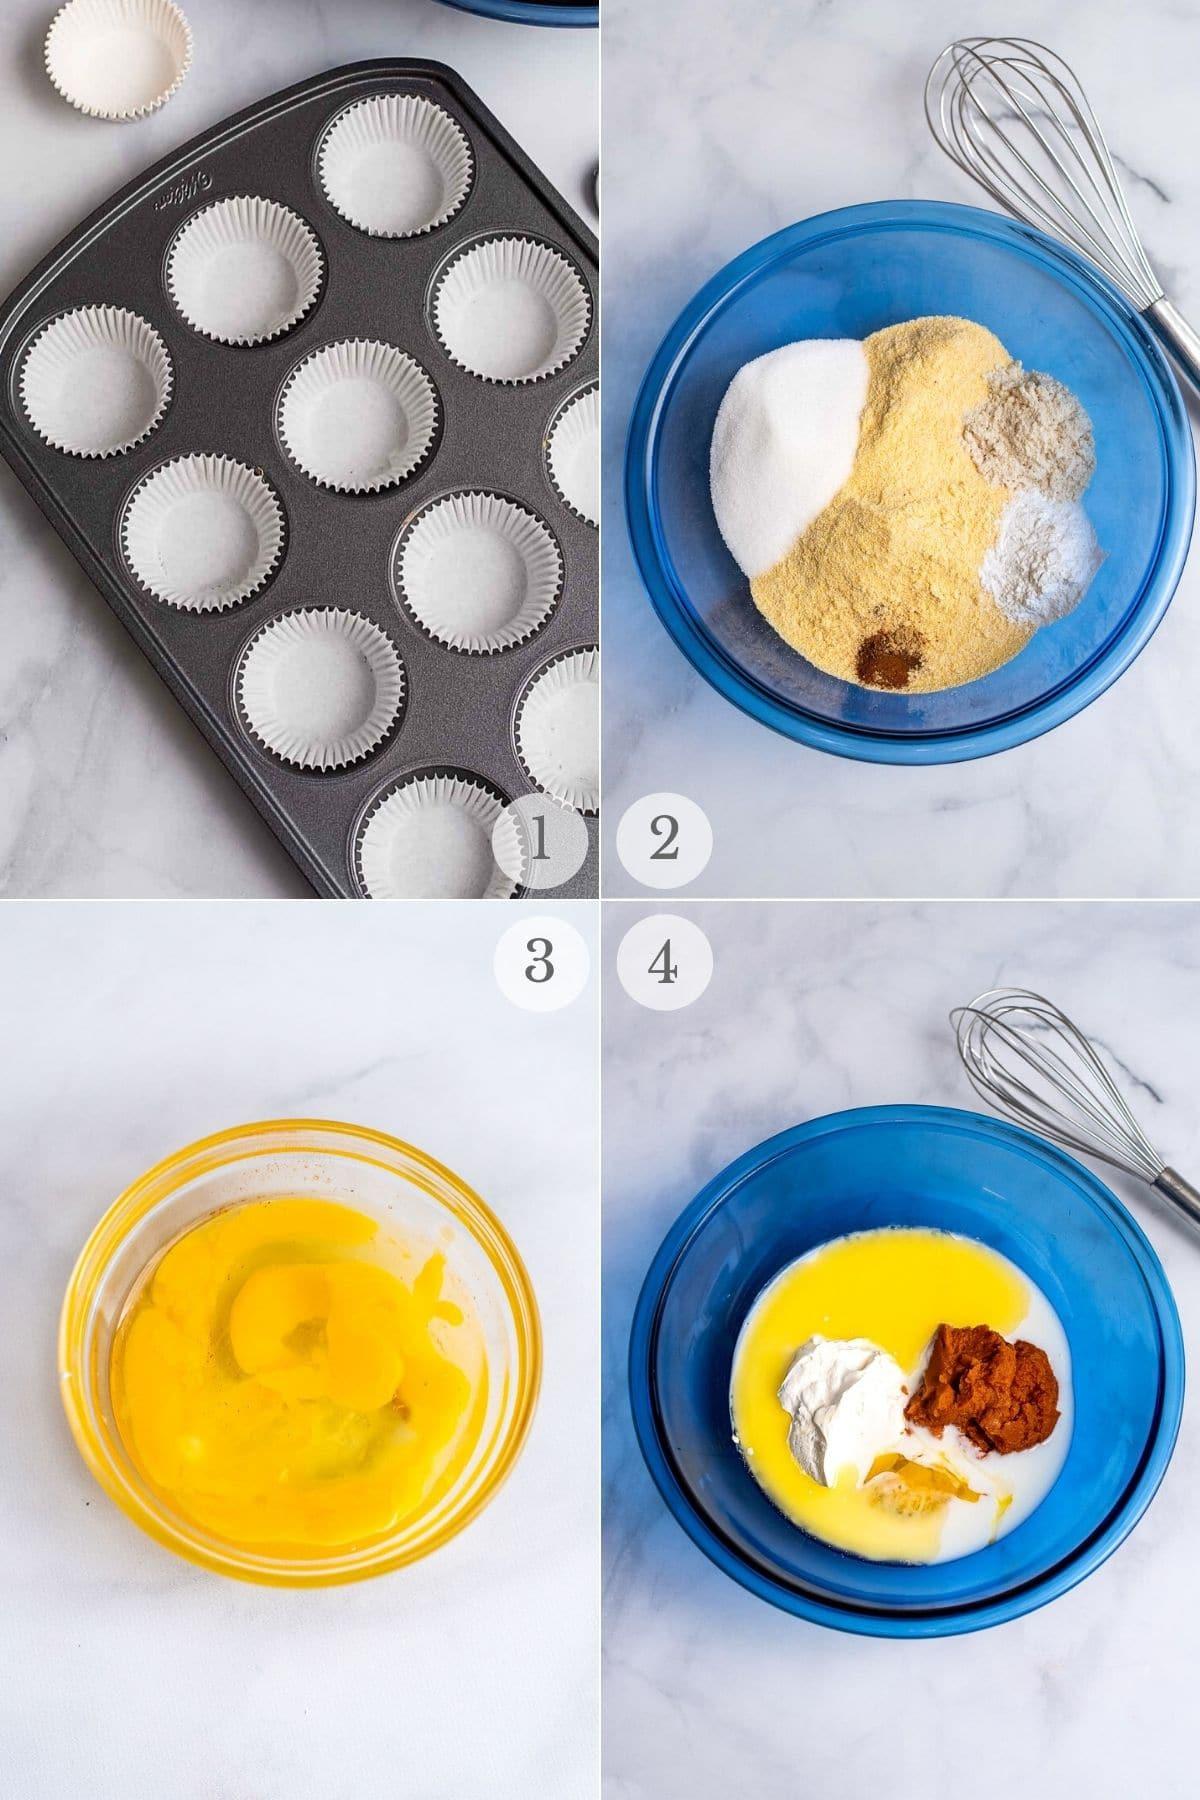 pumpkin cornbread muffins recipe steps 1-4